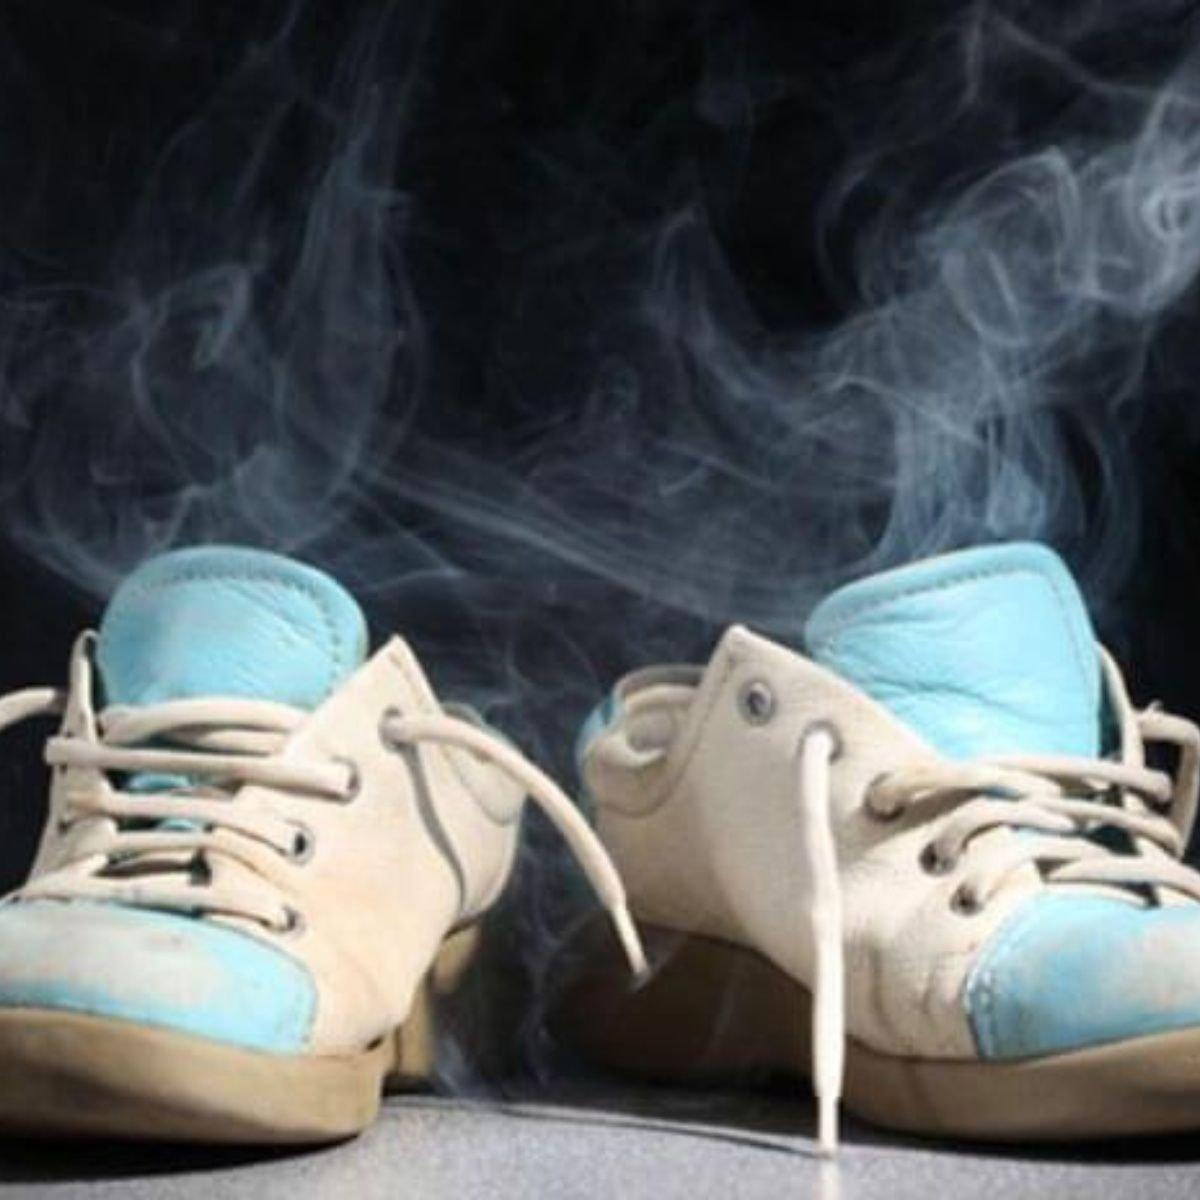 Resultado de imagen de eliminar malos olores zapatos